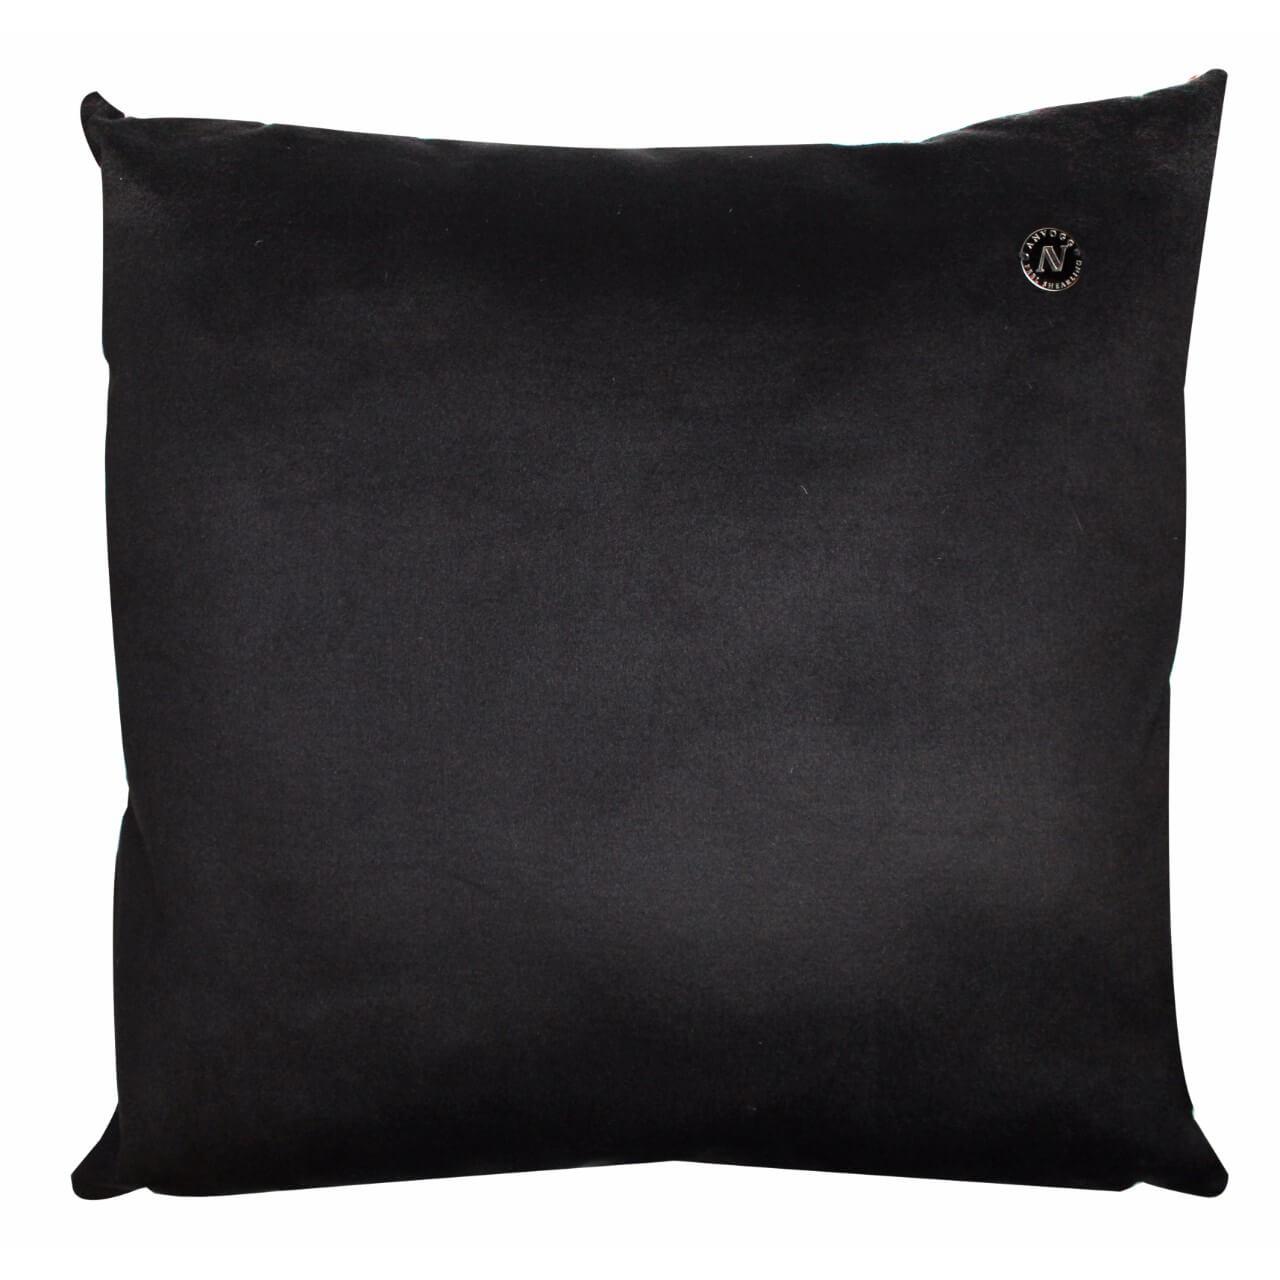 Cavallino Pillow- 50x50cm-(RENK_Croco)- (İSİM_Croco the Squa)(CPCRO20017BL5050) arka - ANVOGG FEEL SHEARLING | ANVOGG